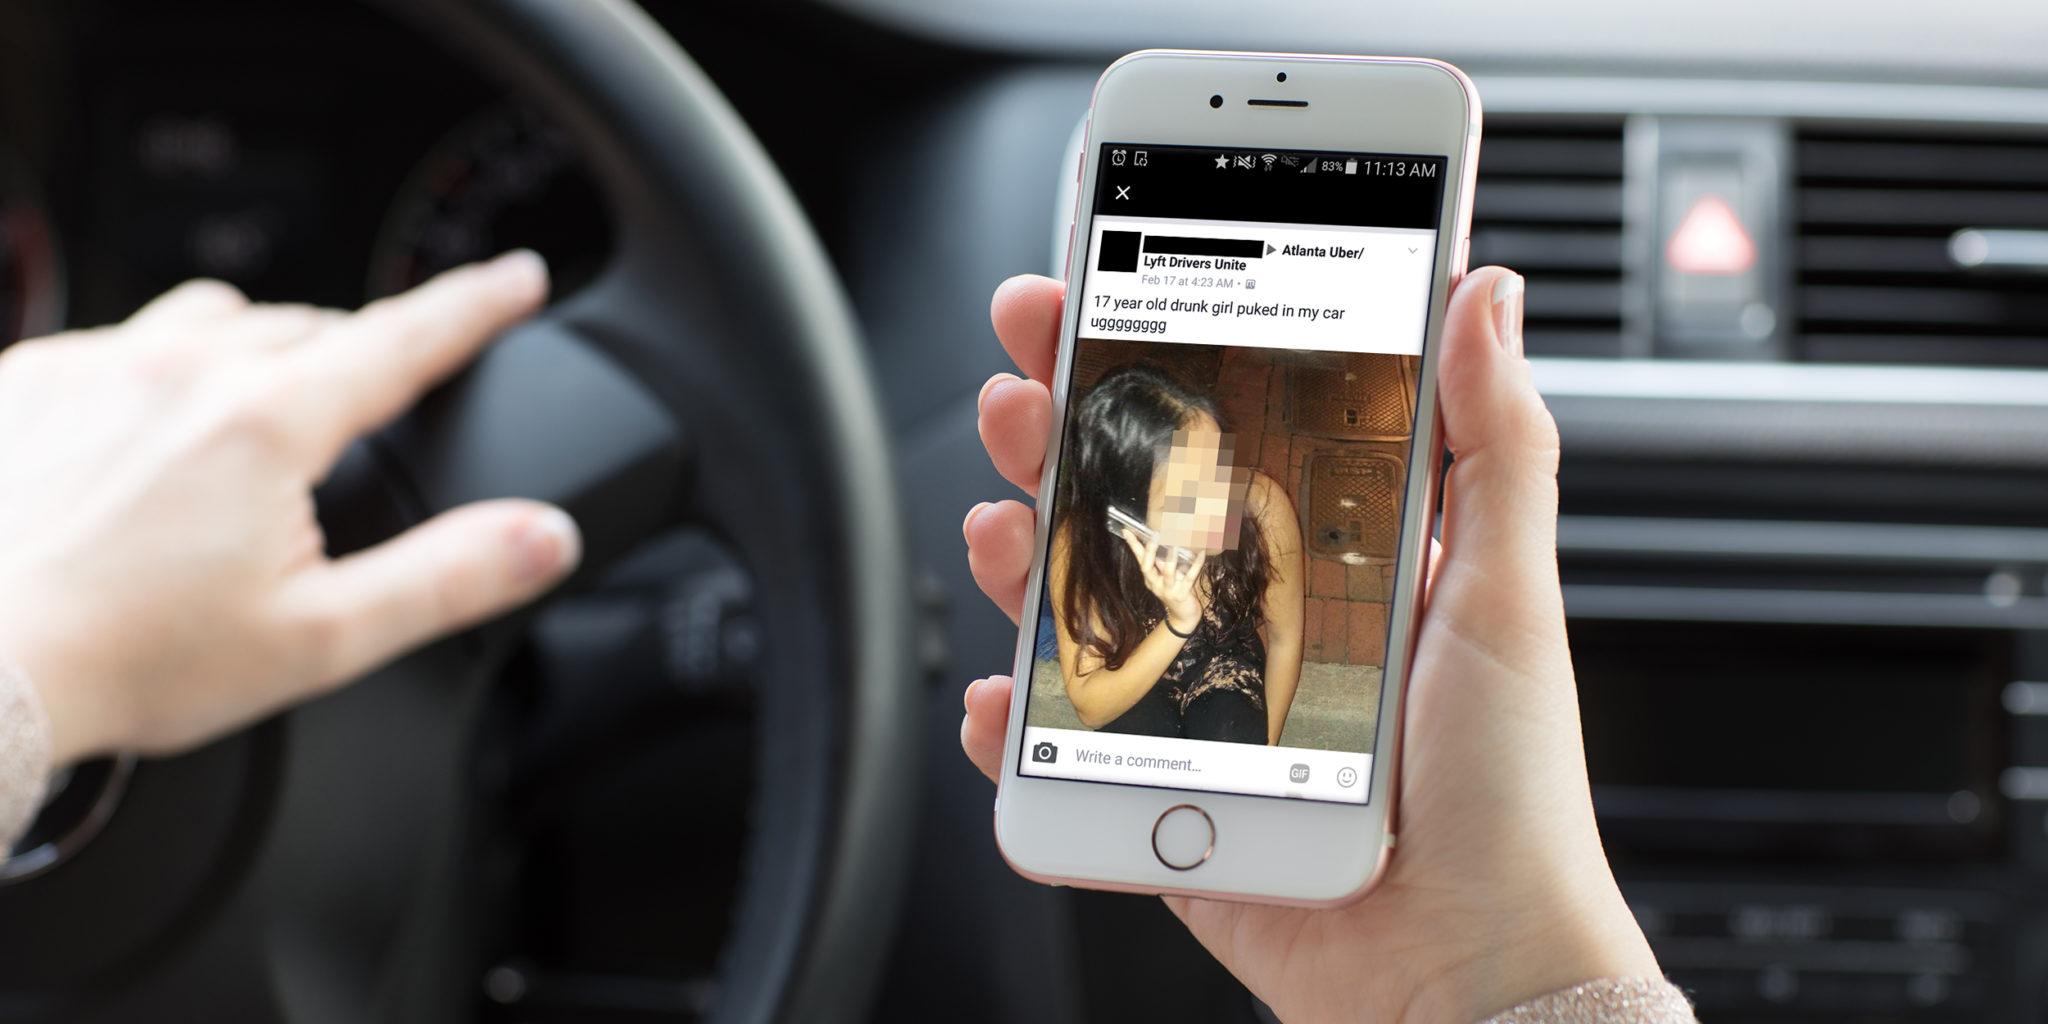 Водители Uber создали в социальная сеть Facebook сообщество, где насмехаются над пассажирами